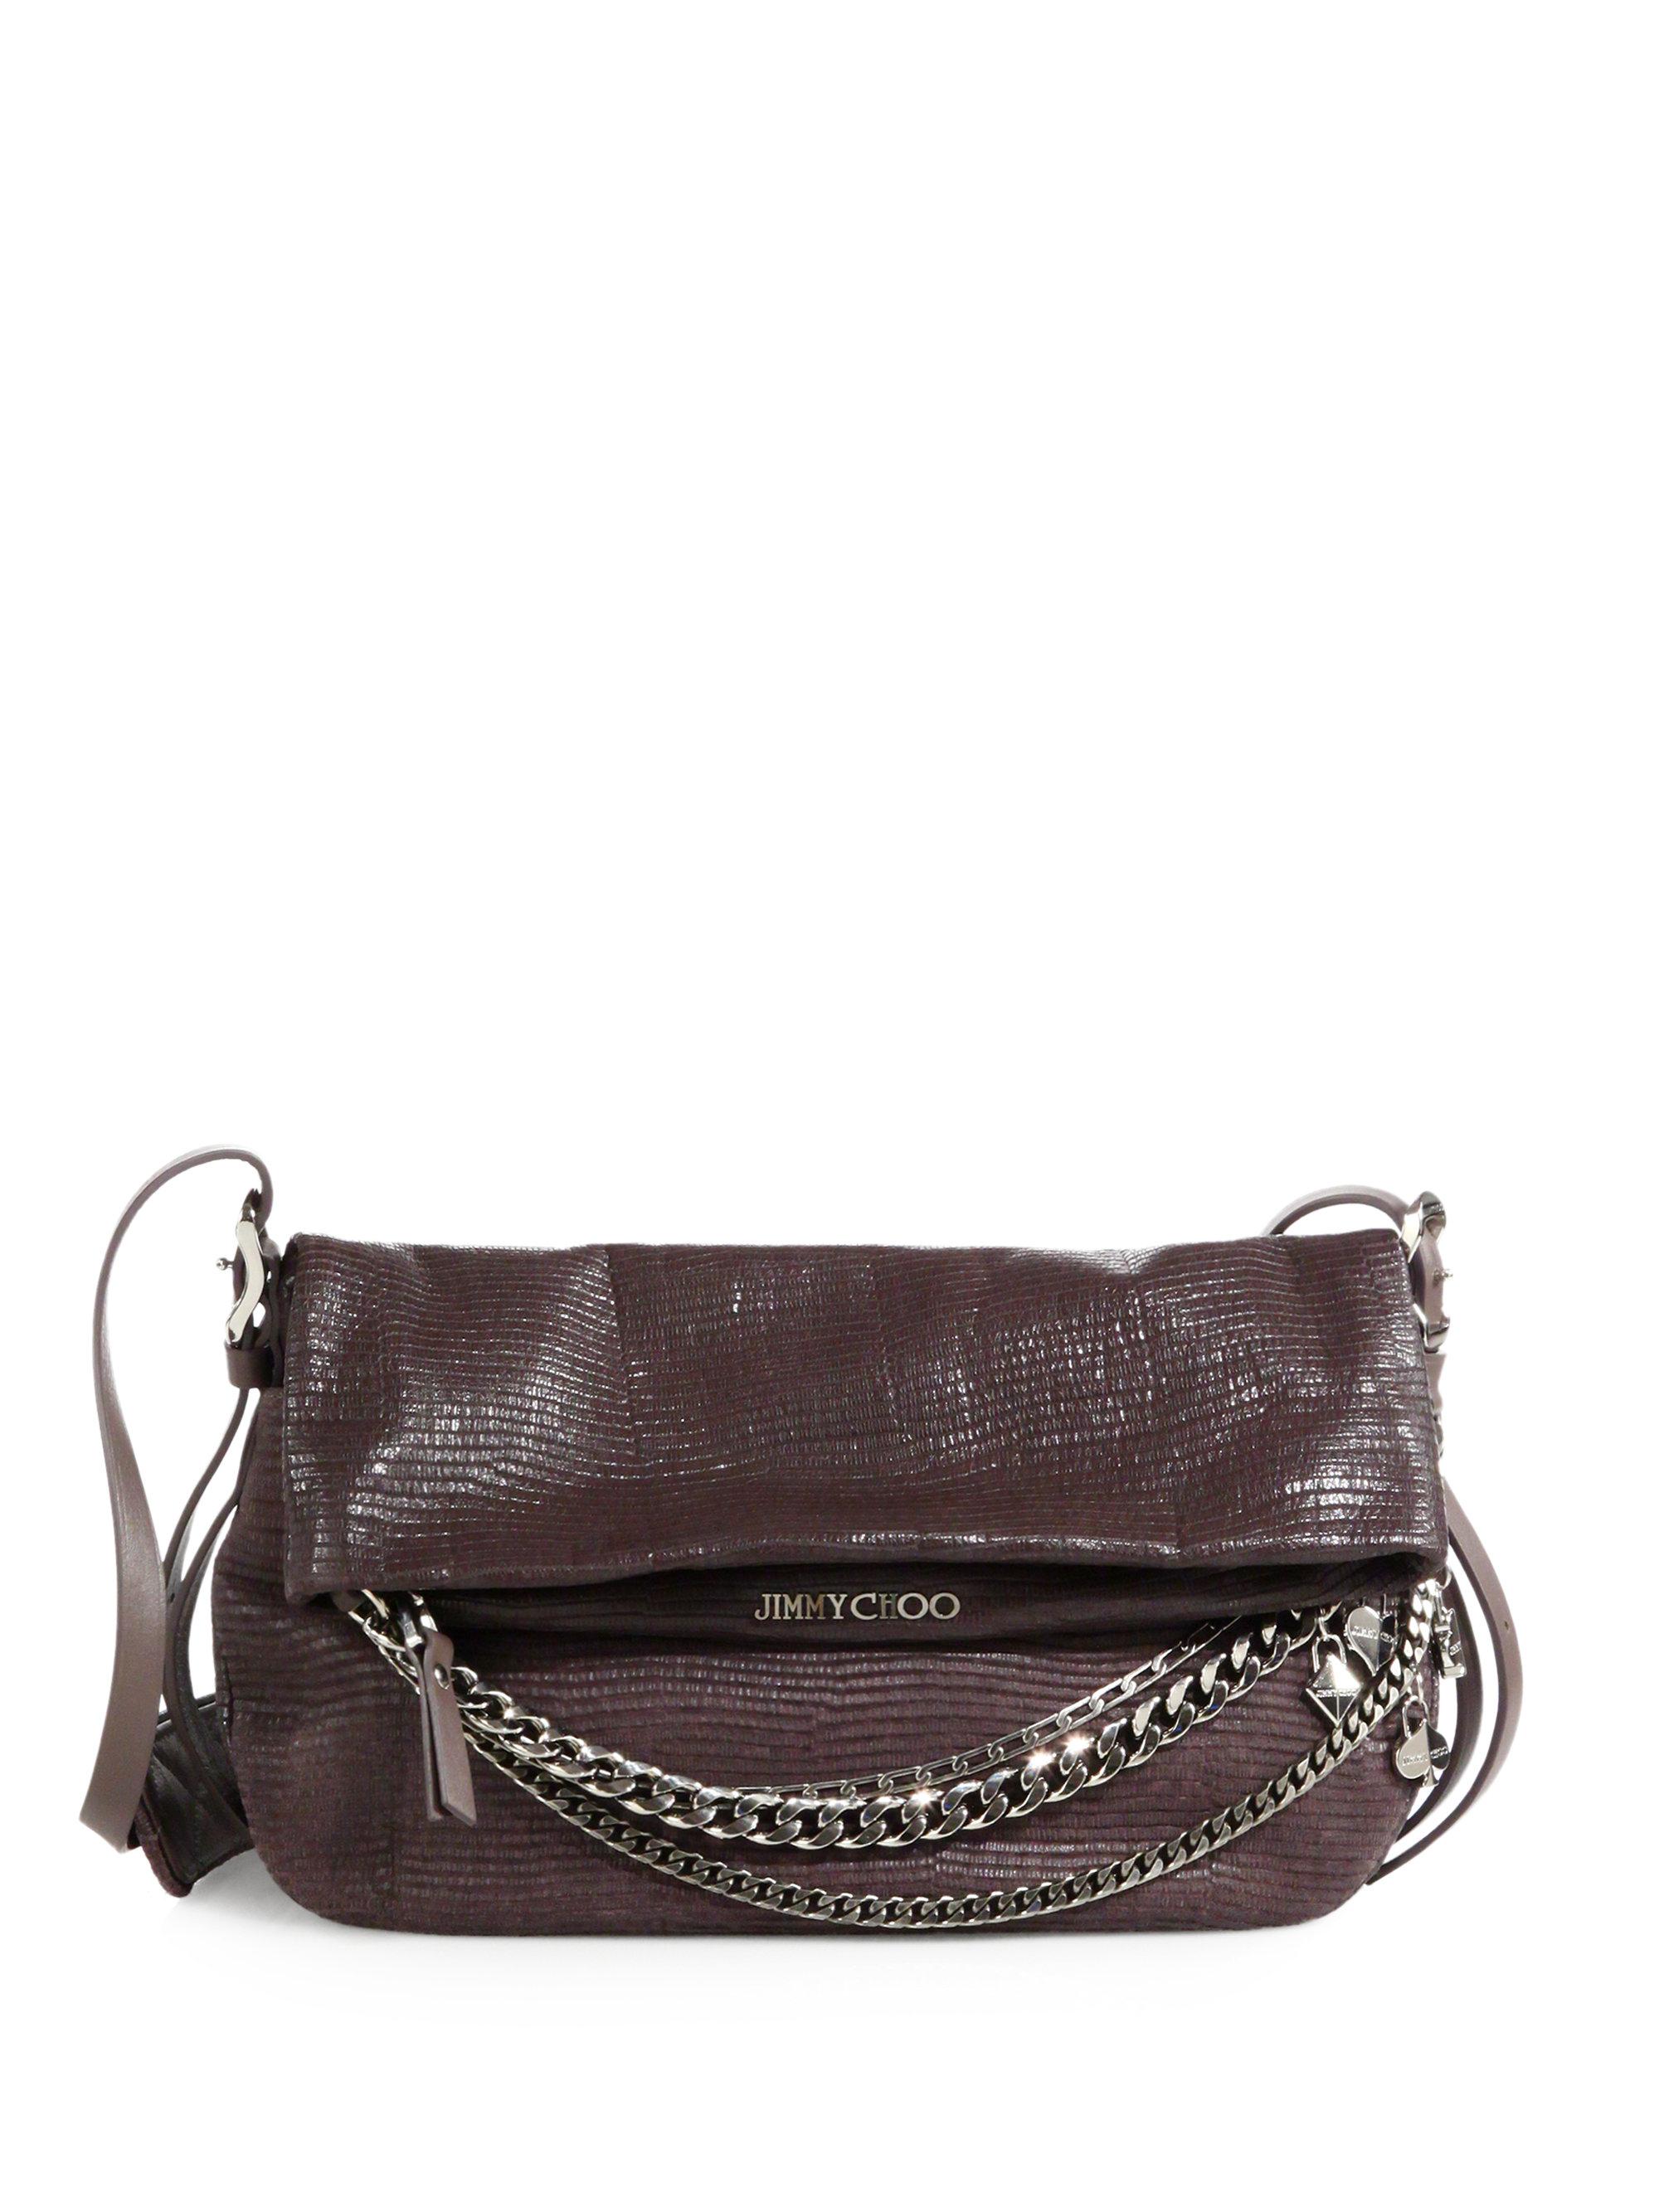 Jimmy Choo Patent Leather Shoulder Bag 11